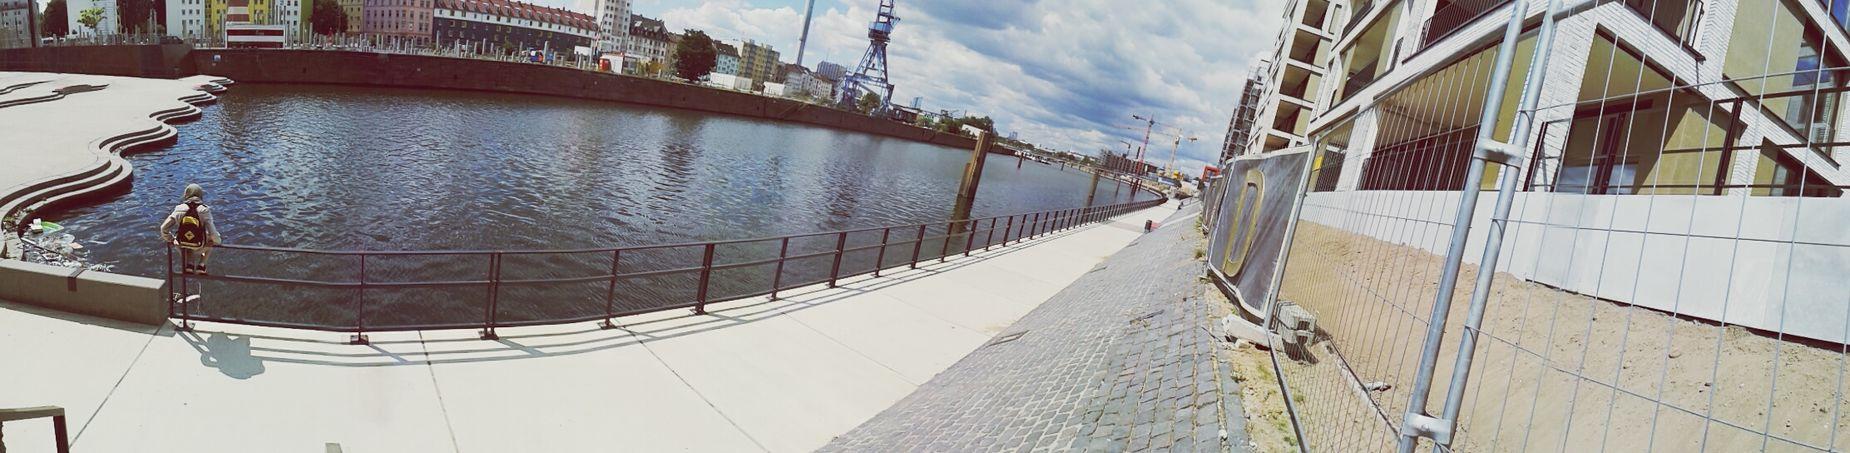 Hafenviertel Main